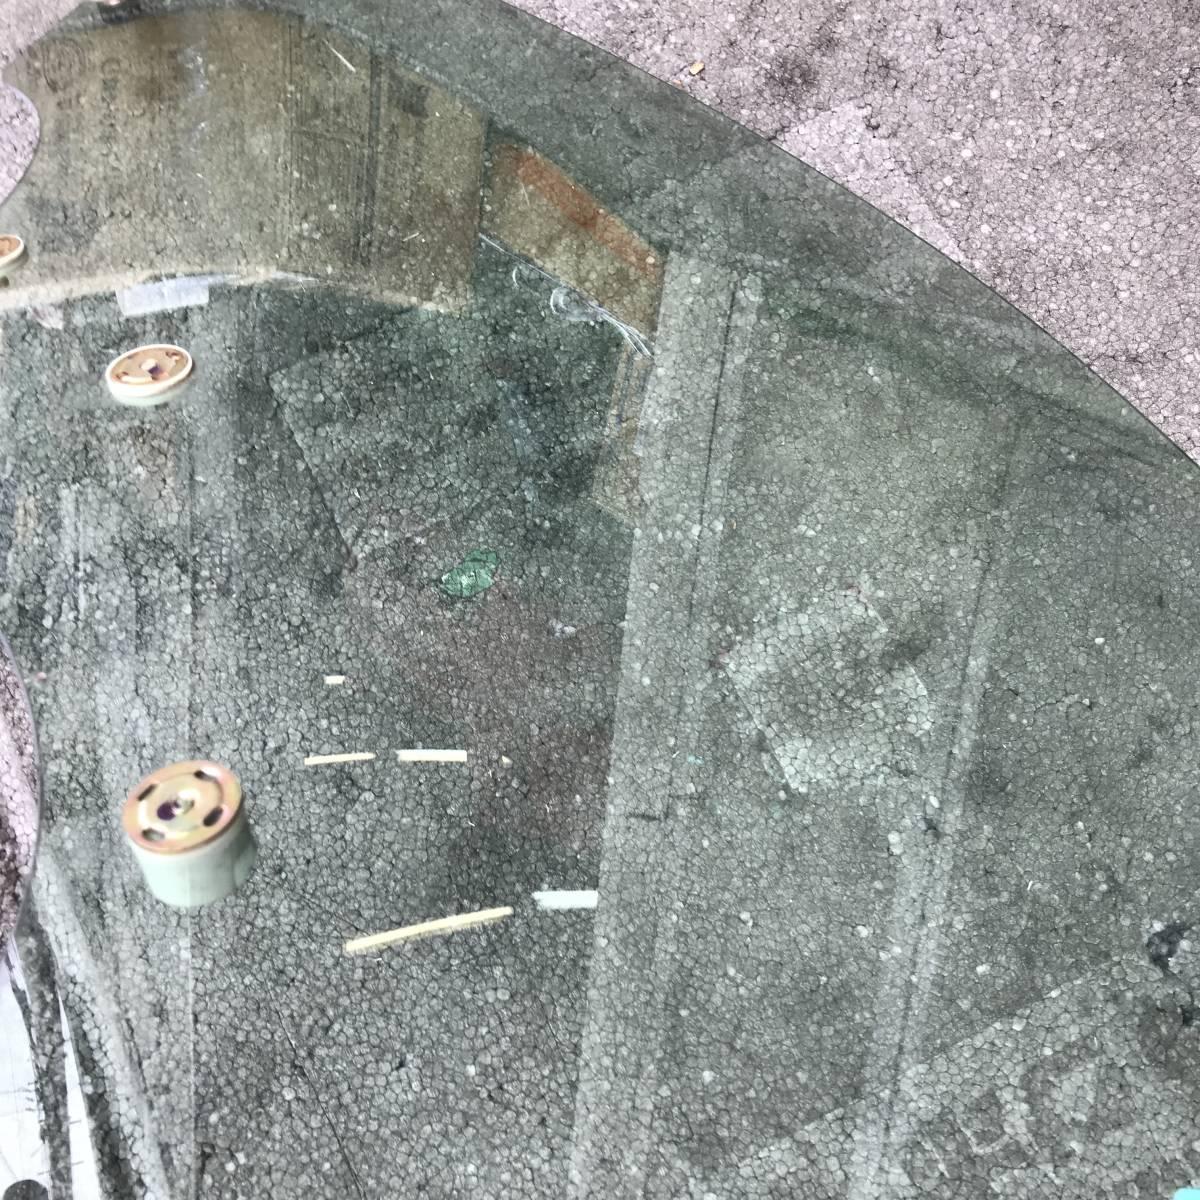 180414-4833 トヨタ セリカ zzt231 SS-Ⅱ 1.8 前期 左 ガラス (F)_画像2